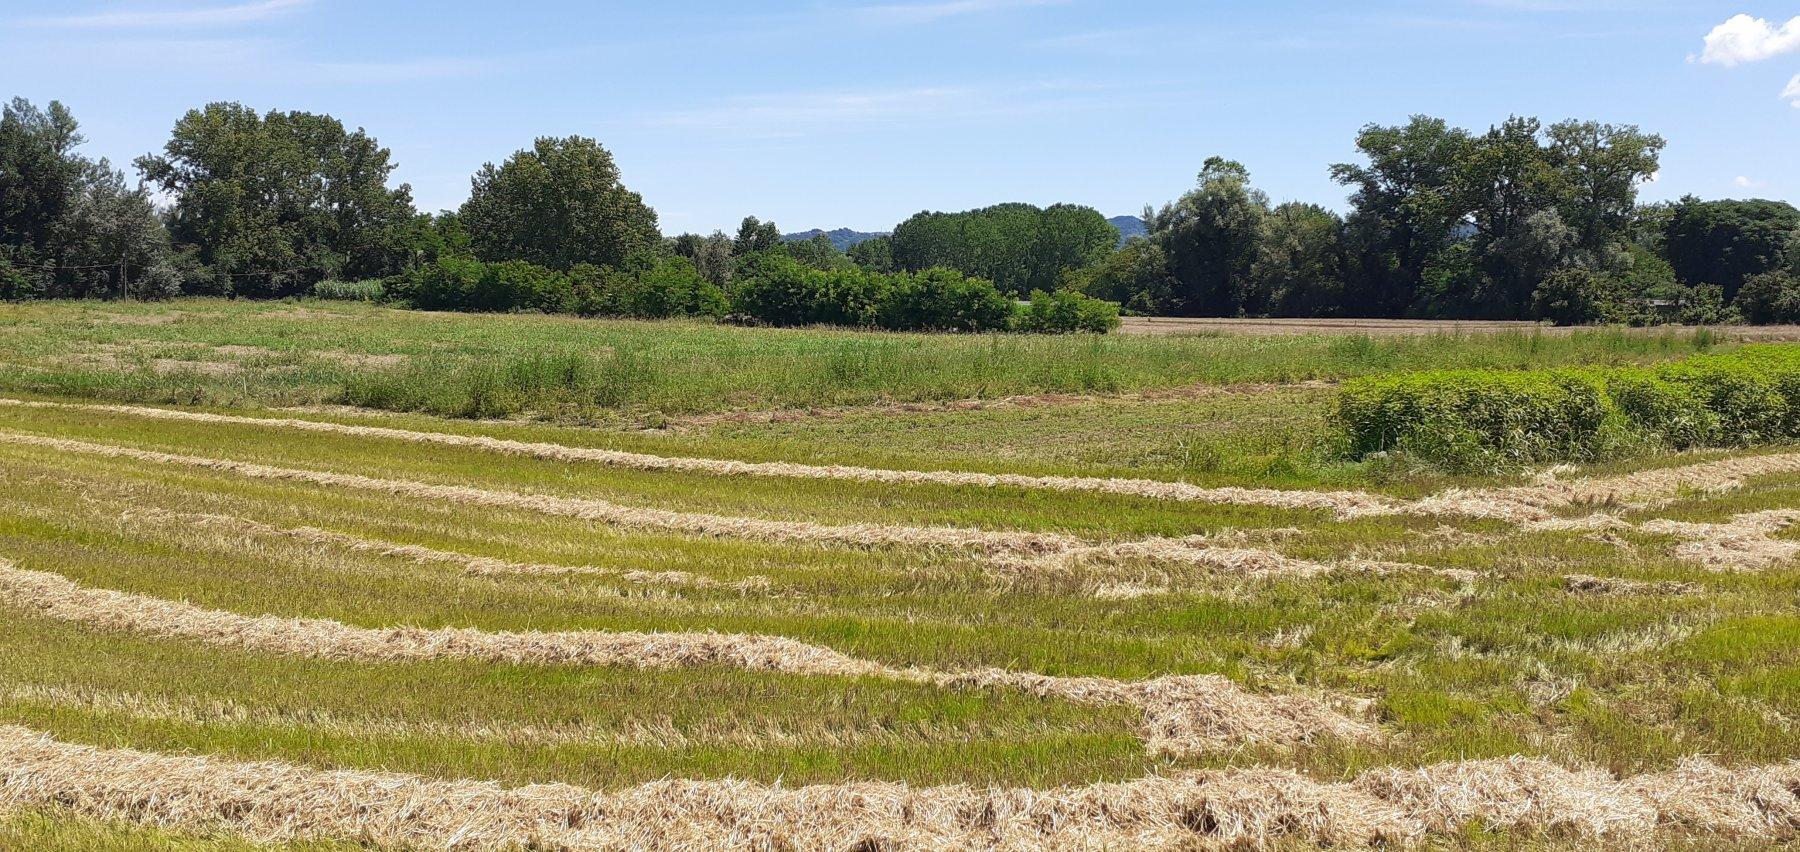 Paesaggi bucolici tra Castiglione e Settimo Torinese